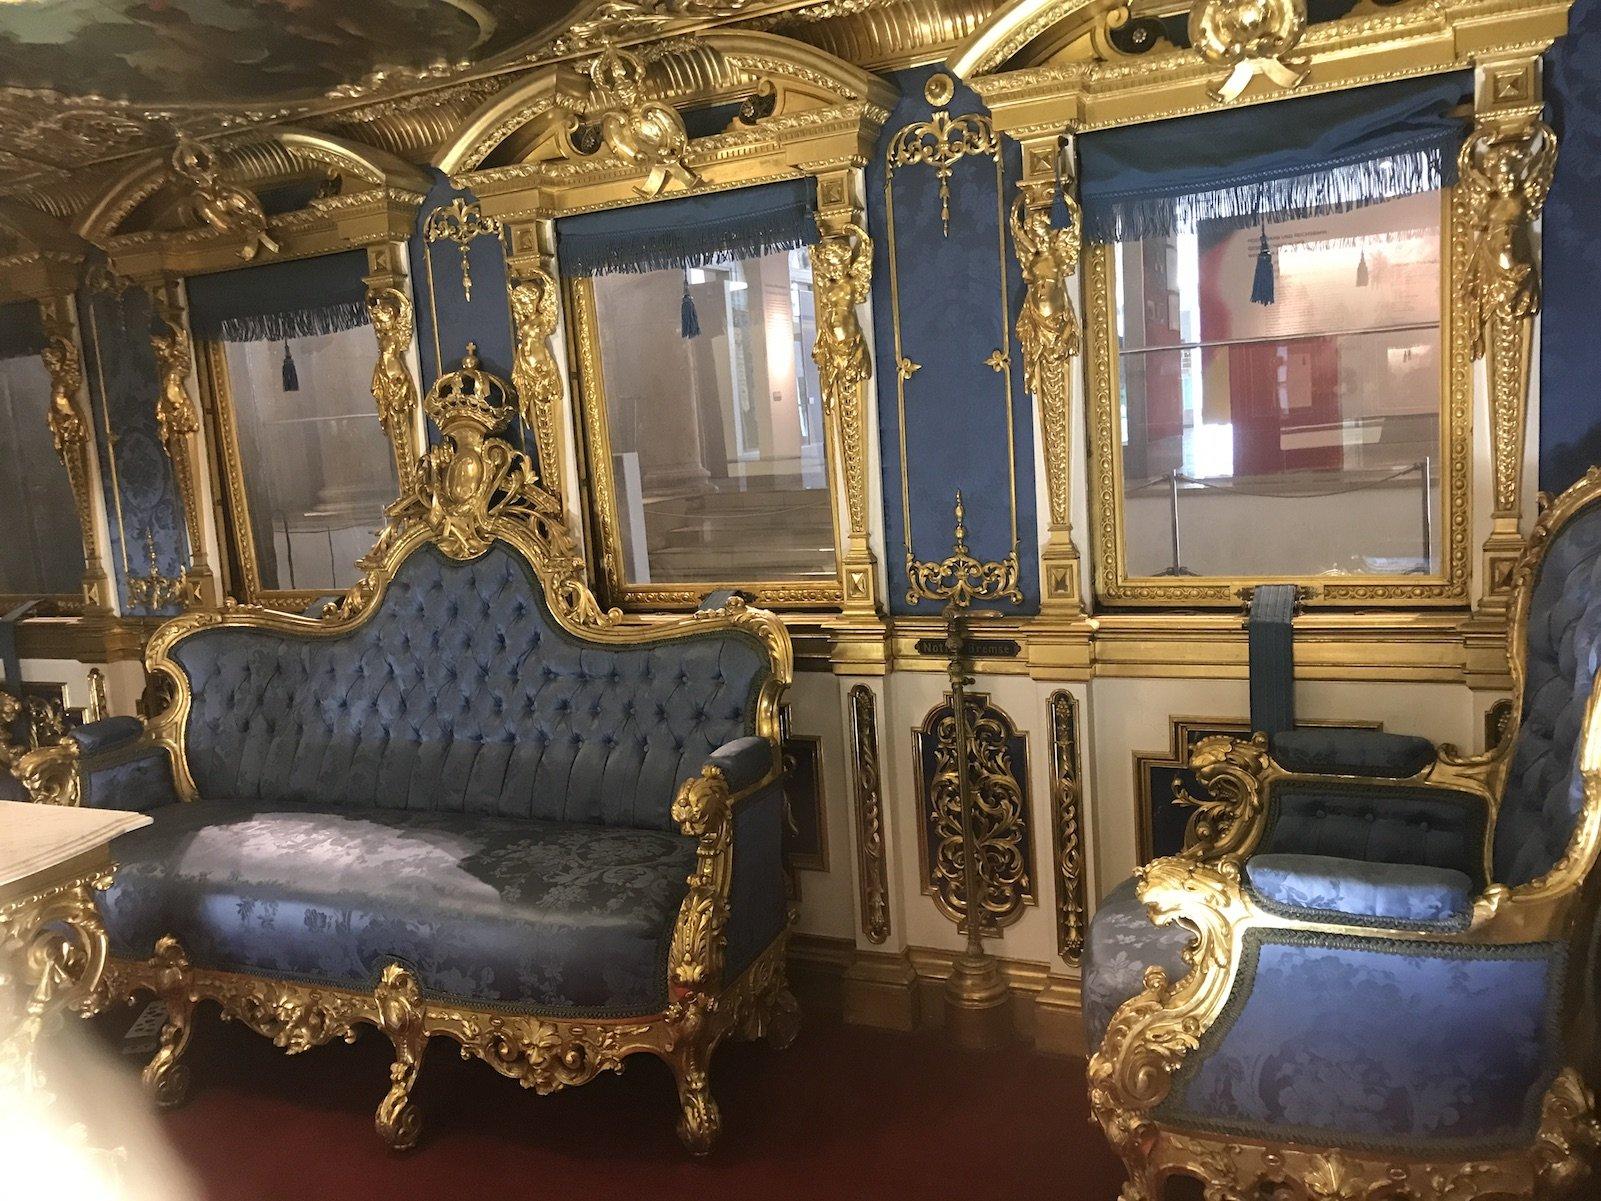 Teil 2 Inneneinrichtung des Salonwagens von Ludwig II.